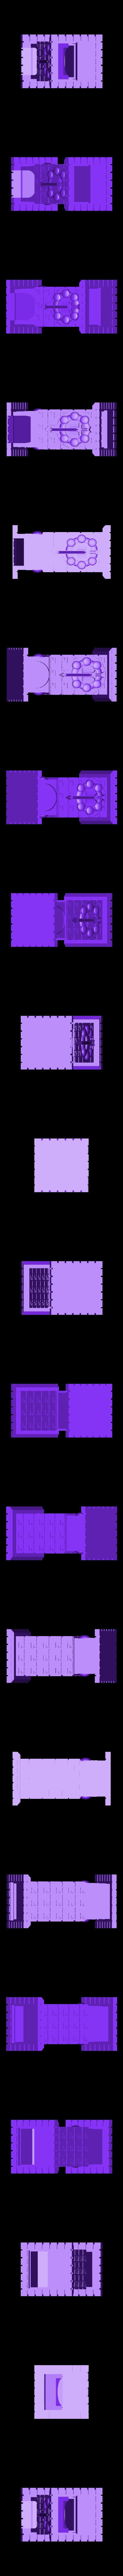 Castle_Dice_Tower_Open.stl Télécharger fichier STL gratuit Castle Dice Tower Combo • Modèle imprimable en 3D, mrhers2